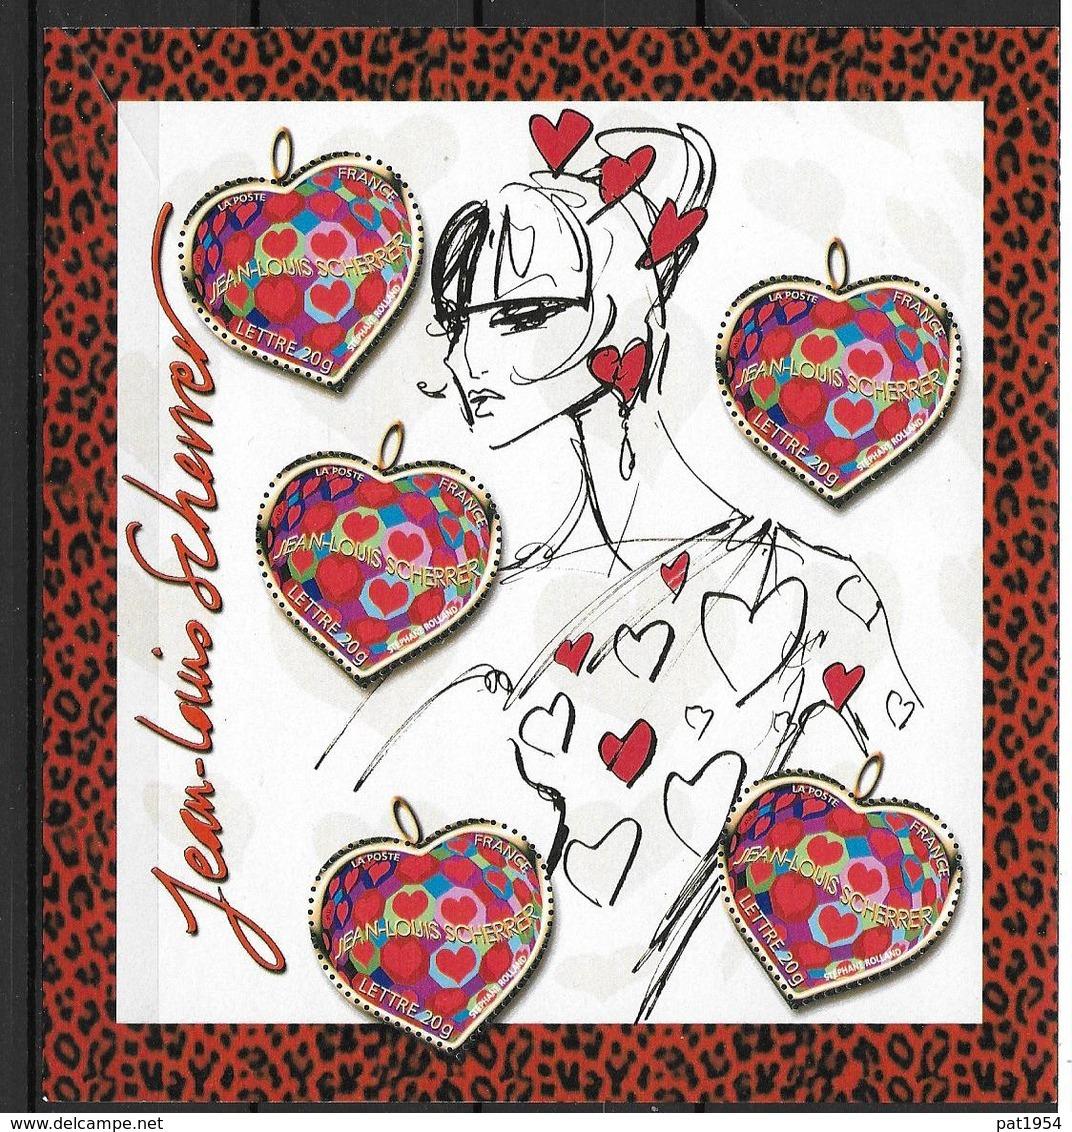 France 2006 Bloc Feuillet N° 93 Neuf Saint Valentin Jean Louis Scherrer à La Faciale - Blocs & Feuillets